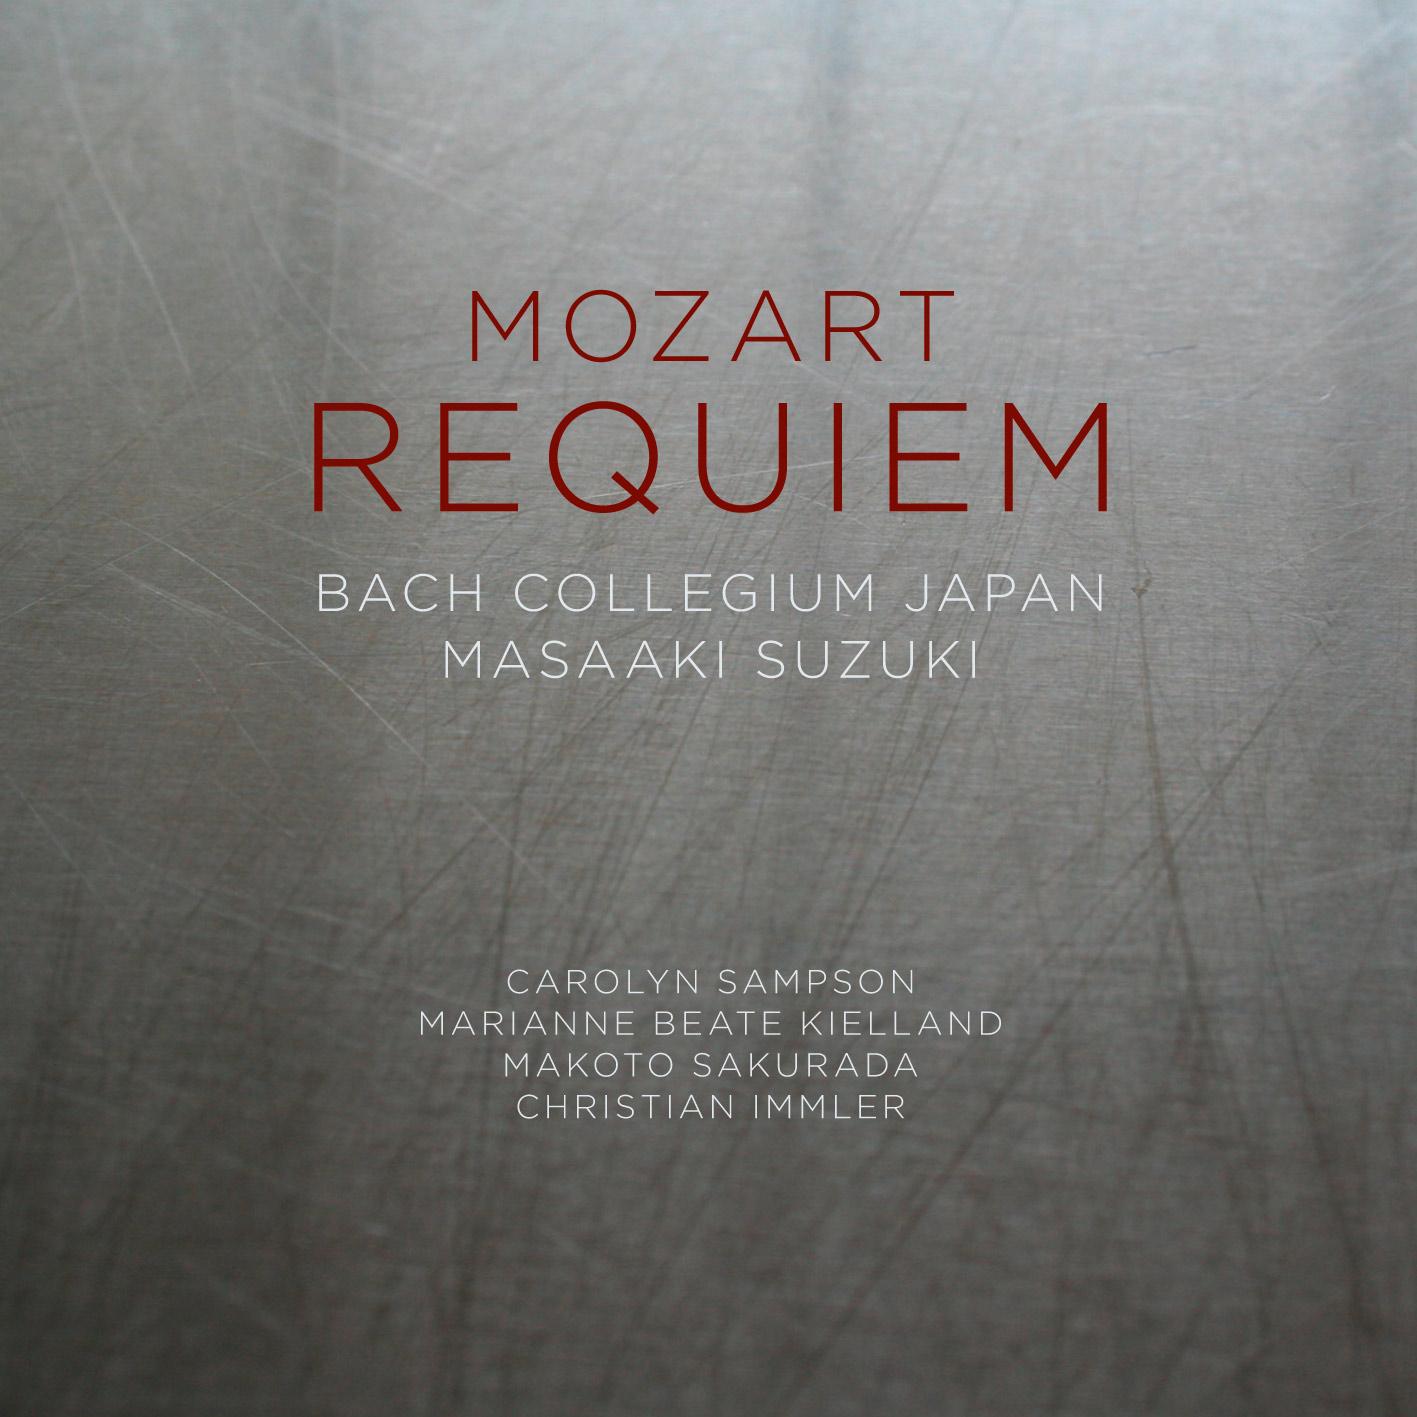 Mozart_Requiem_BCJ